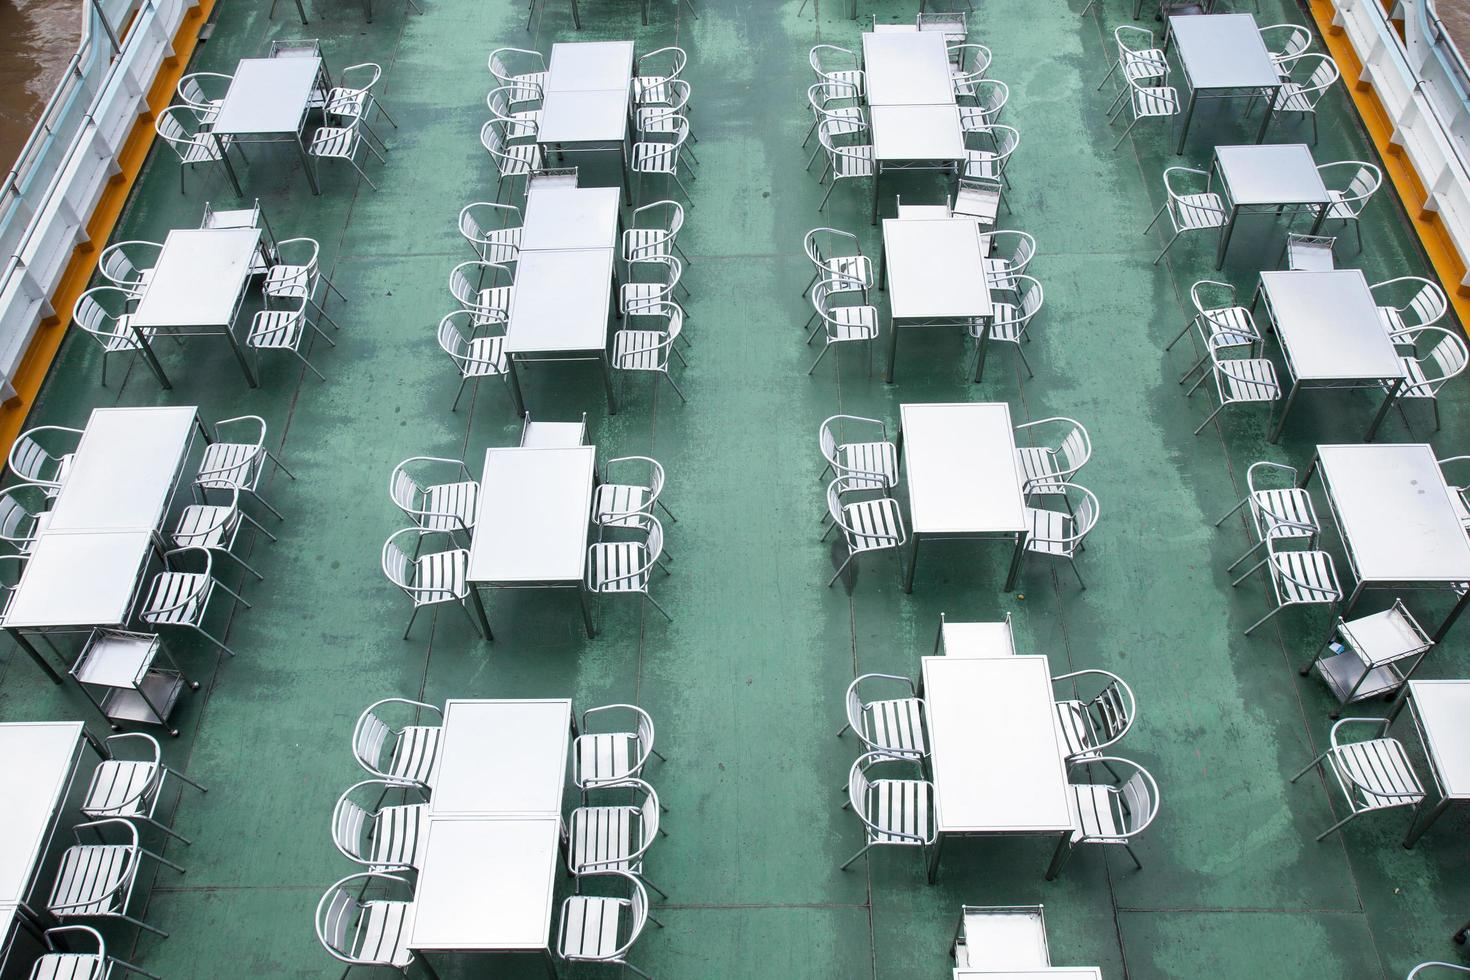 tables et chaises sur un bateau en thaïlande photo